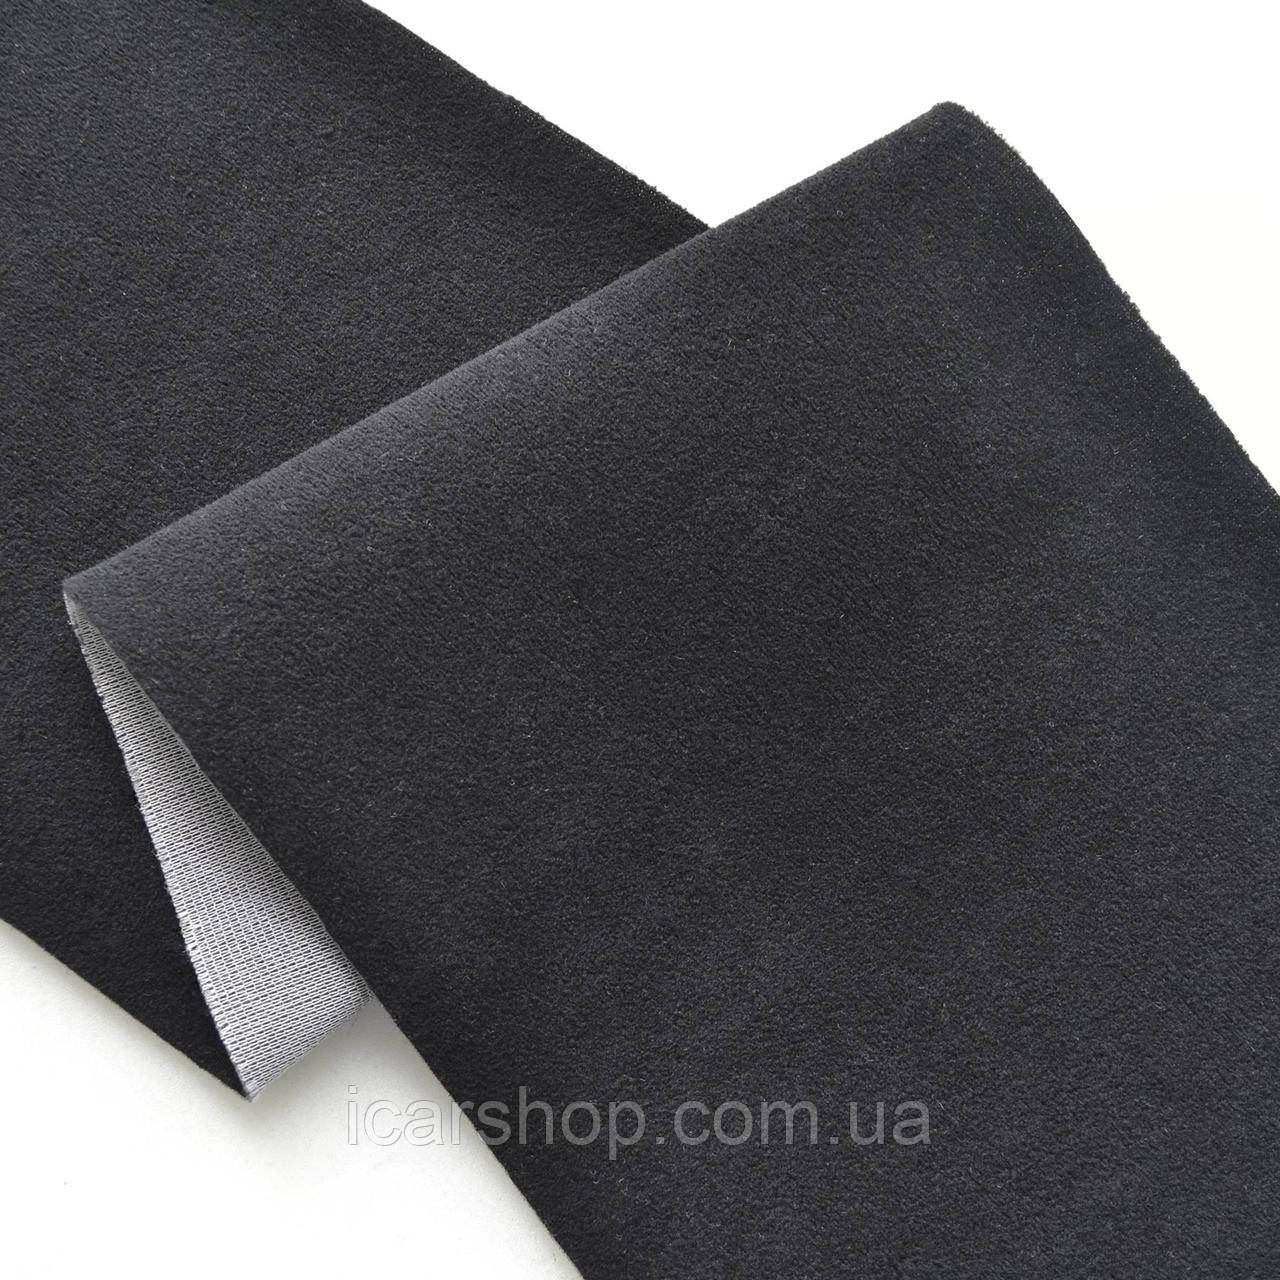 Стельова тканина для автомобіля Frota